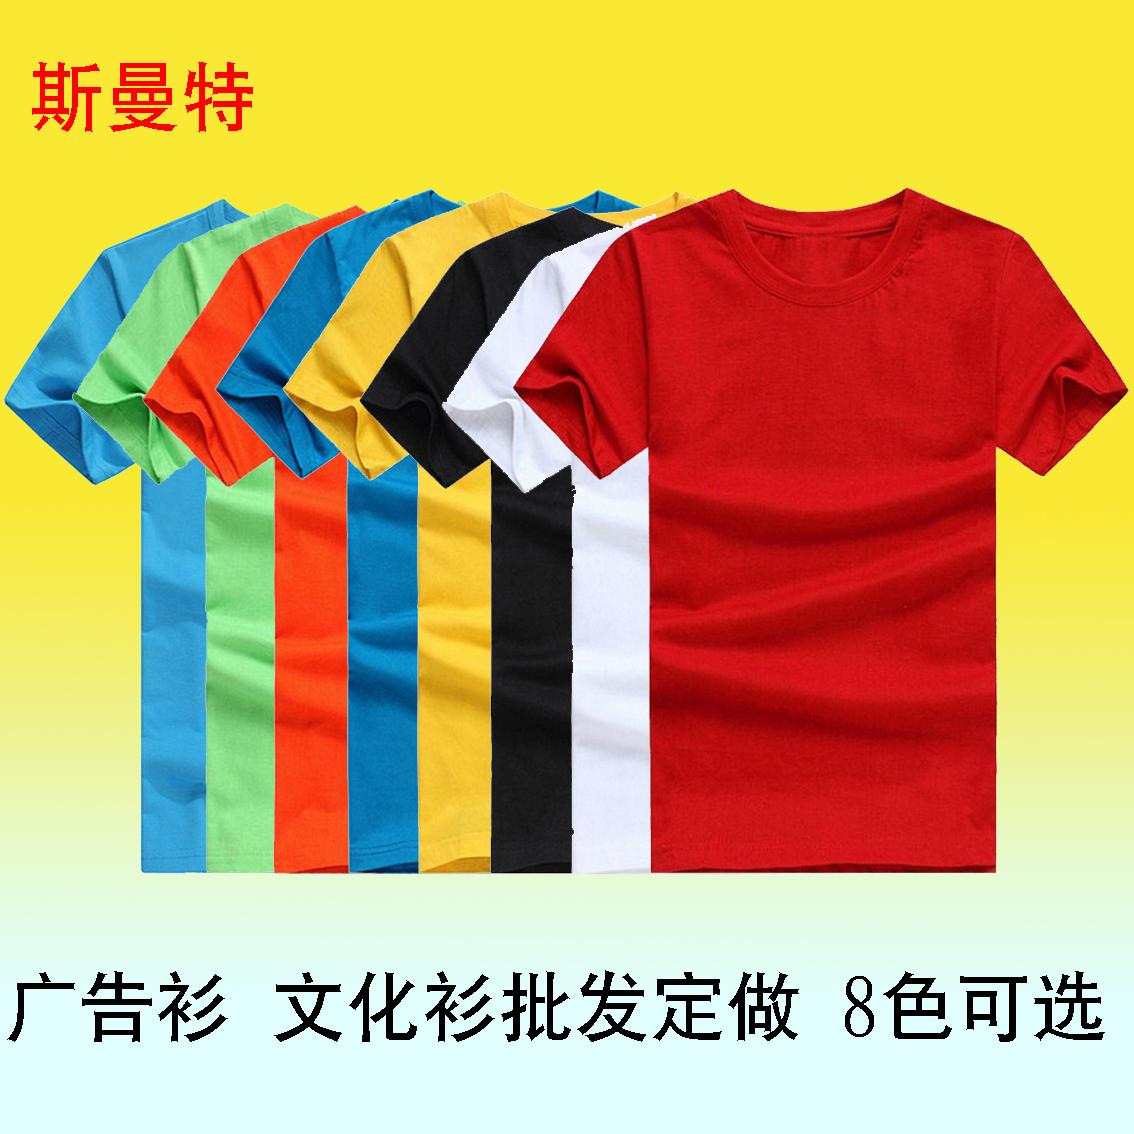 夏季文化衫定做 短袖莱卡T恤 圆领衫批发 现货圆领T恤印字logo